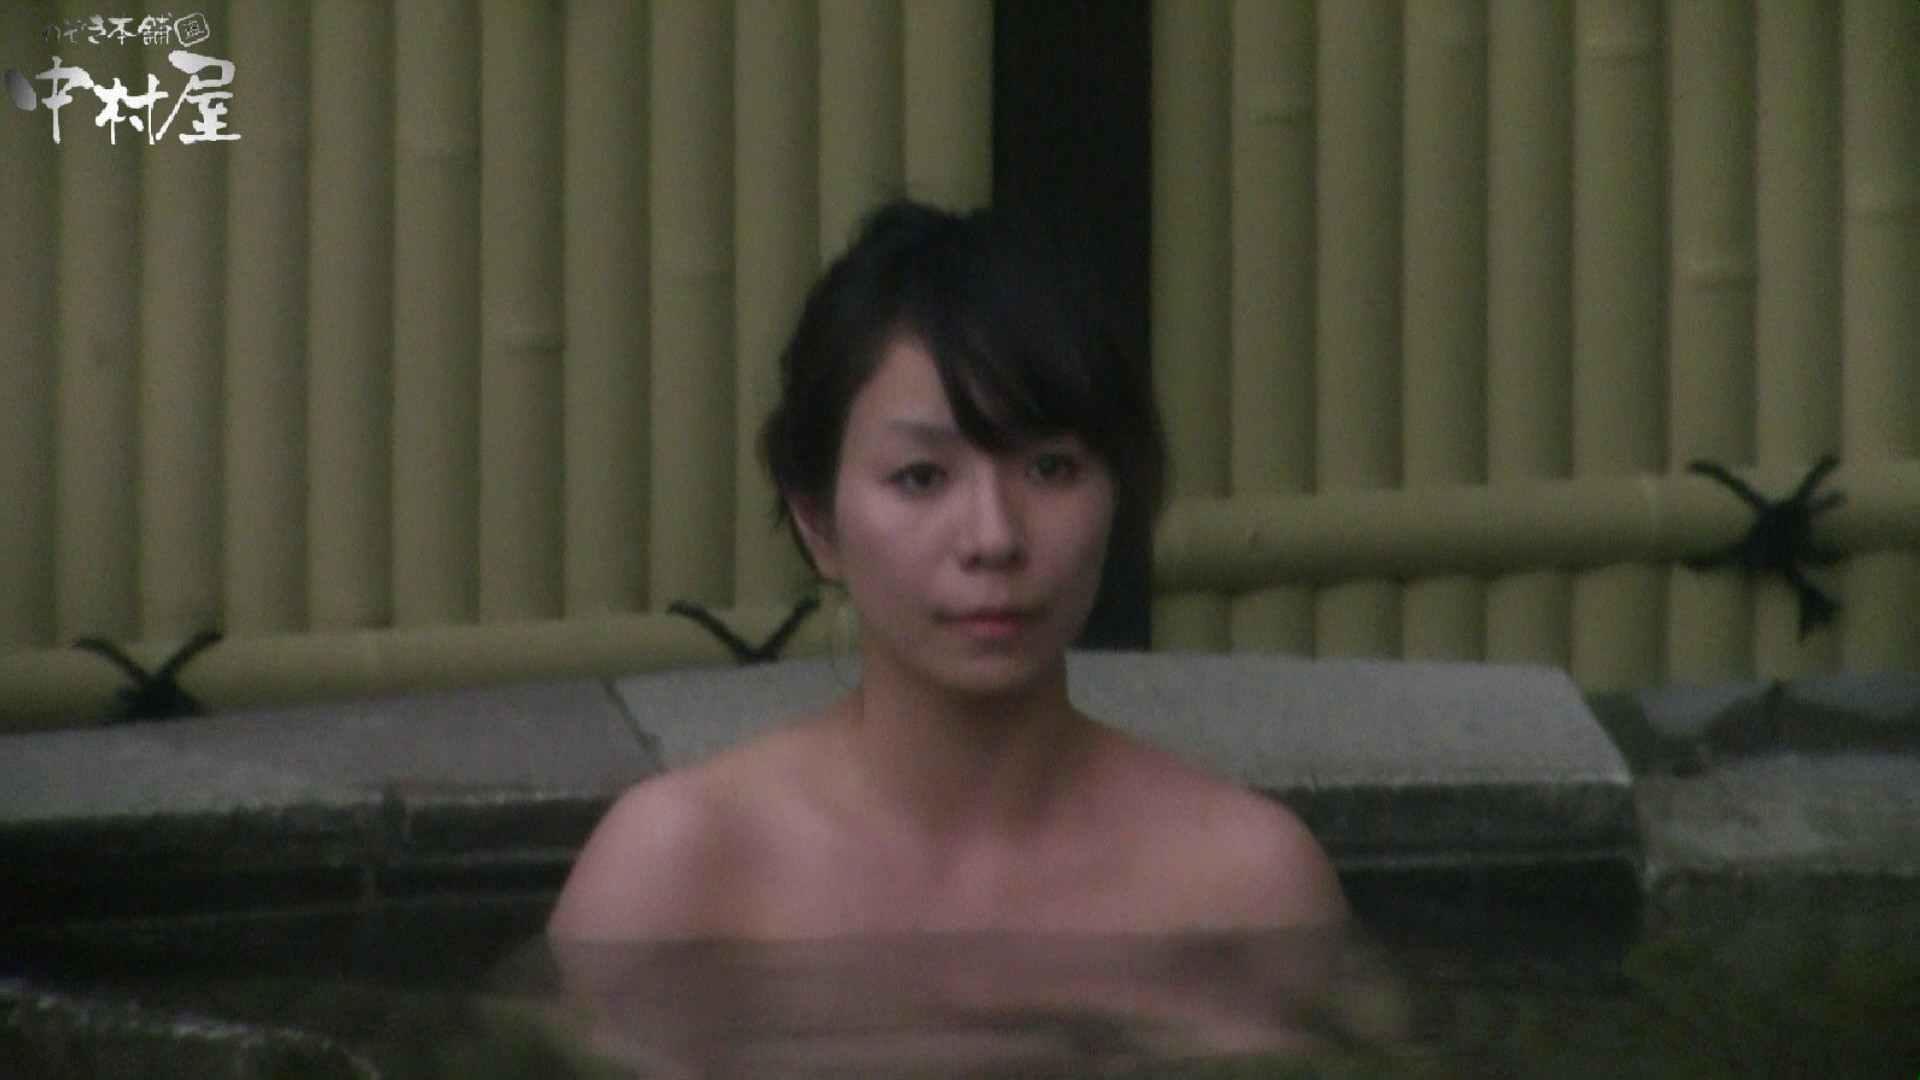 Aquaな露天風呂Vol.930 0  101pic 16